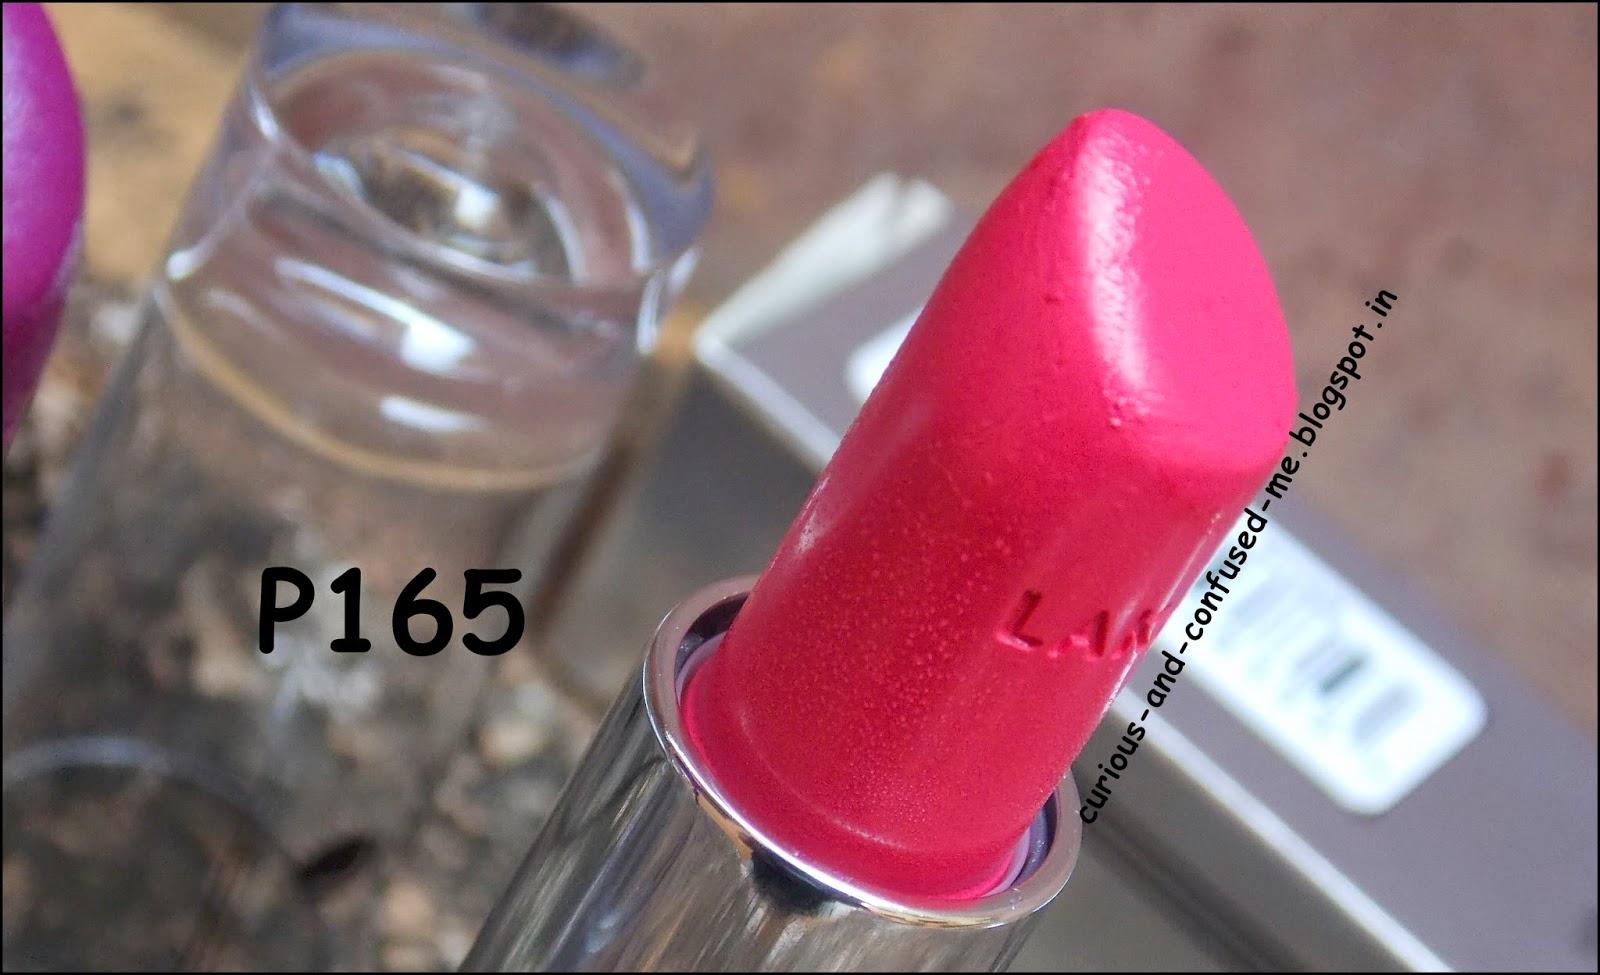 Lakme enrich lipsticks review, Lakme enrich lipsticks swatch, Lakme enrich lipstick P165 review, Lakme enrich lipstick P165 swatch, Lakme enrich lipstick P168 review, Lakme enrich lipstick review, Lipstick under 300 review, Best Lakme lipstick India, Affordable lipstick India, Lakme lipstick review, Best Purple lipstick review, Creamy lipsticks Indian review.